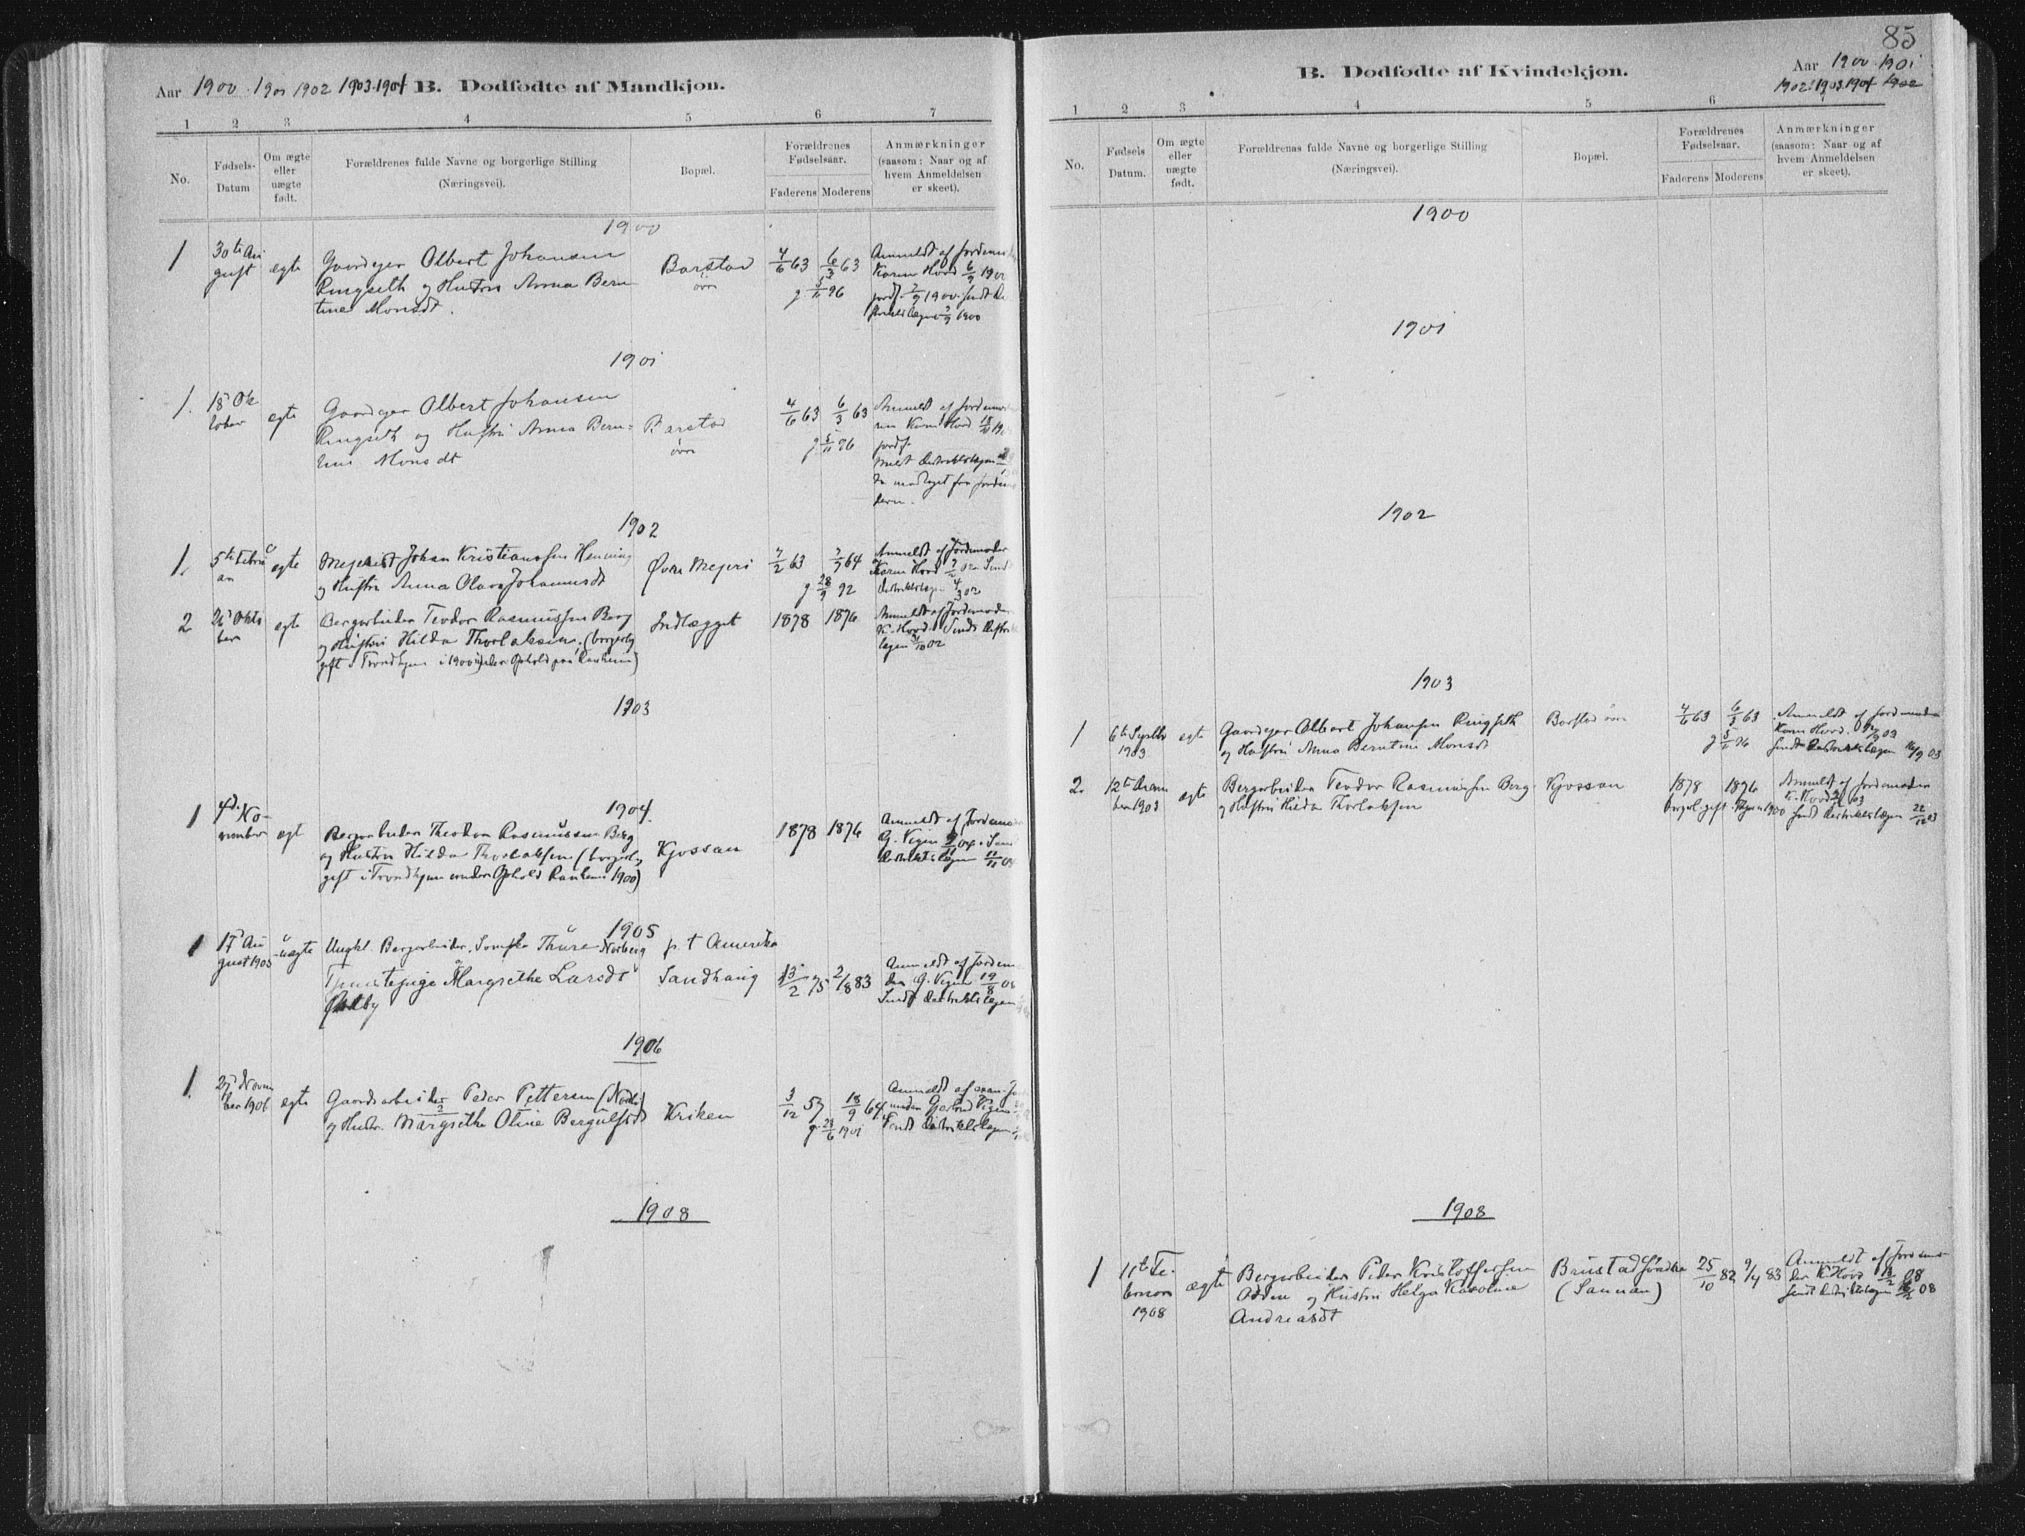 SAT, Ministerialprotokoller, klokkerbøker og fødselsregistre - Nord-Trøndelag, 722/L0220: Ministerialbok nr. 722A07, 1881-1908, s. 85